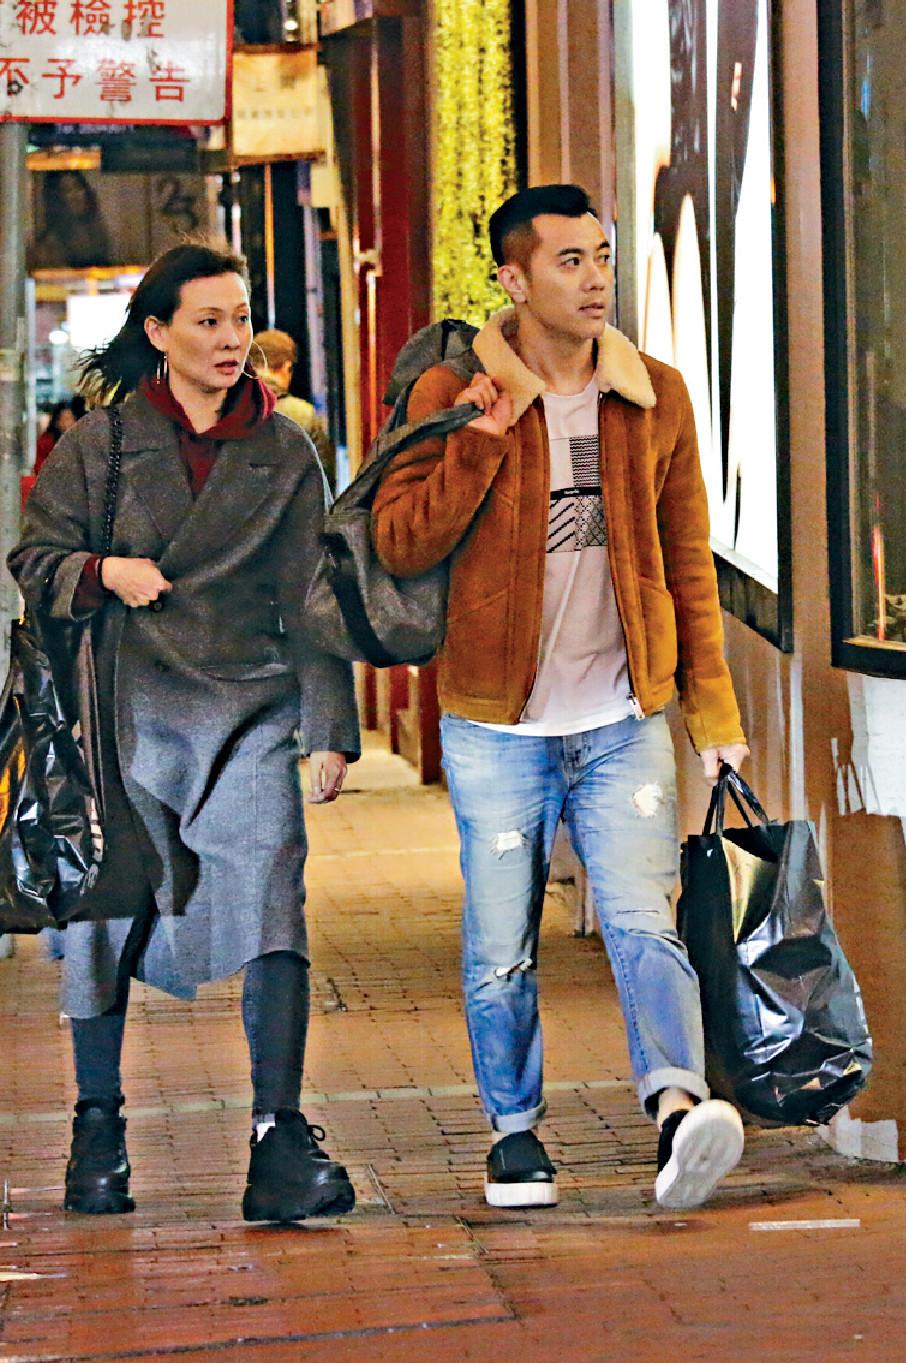 ■梁氏夫婦都着得好有型,喺街頭行,畫面好靚。